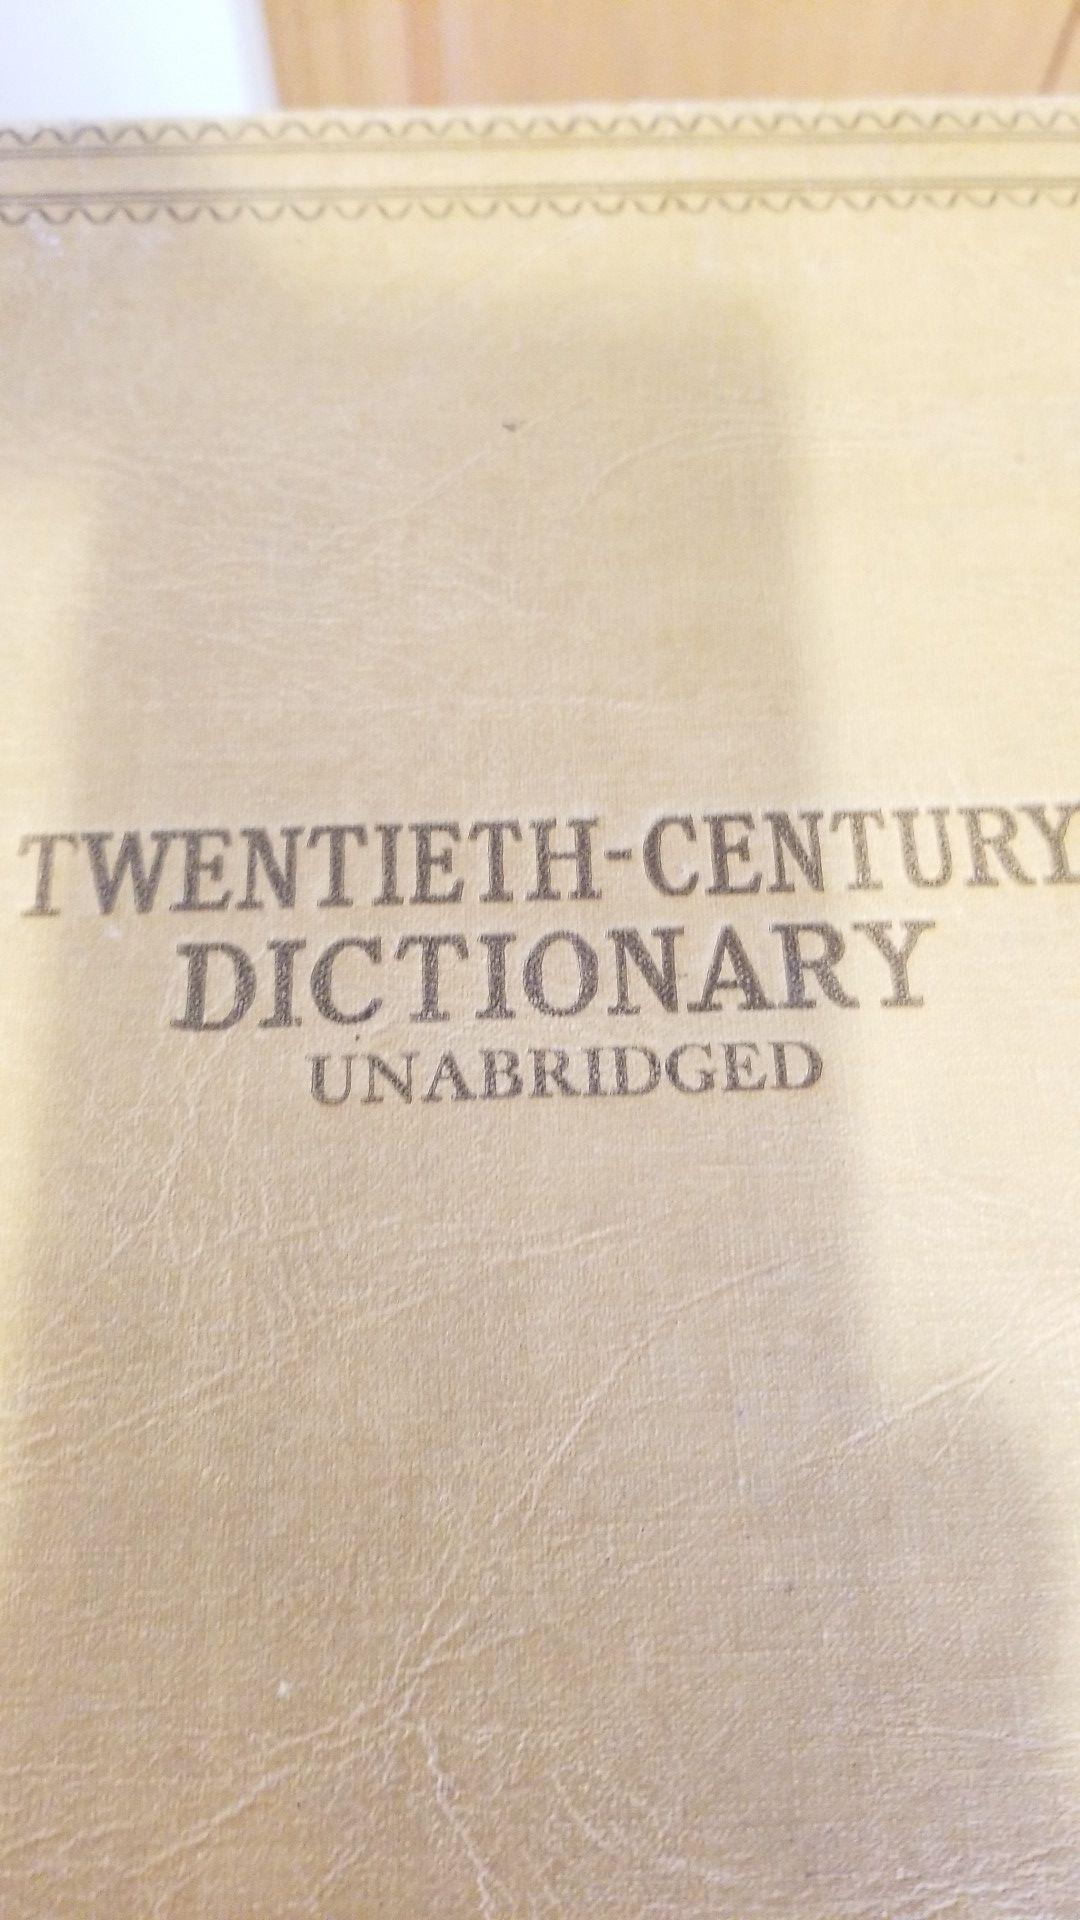 1938 Webster's Twentieth-Century Dictionary Unabridged